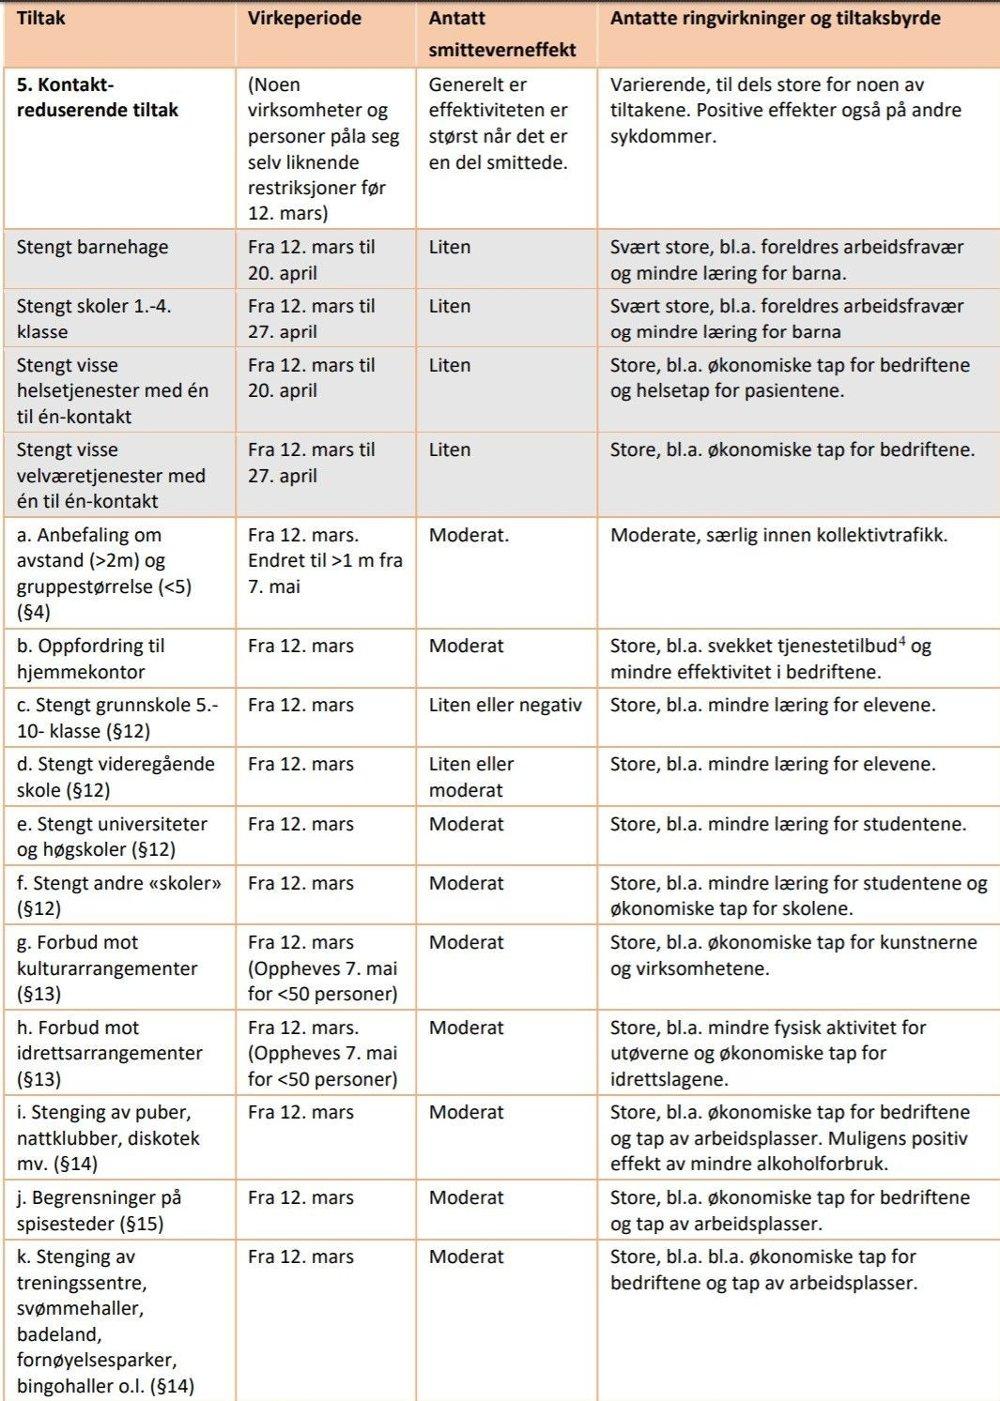 Klikk på bildet for å forstørre. FHIs vurdering av de kontaktreduserende tiltakene.